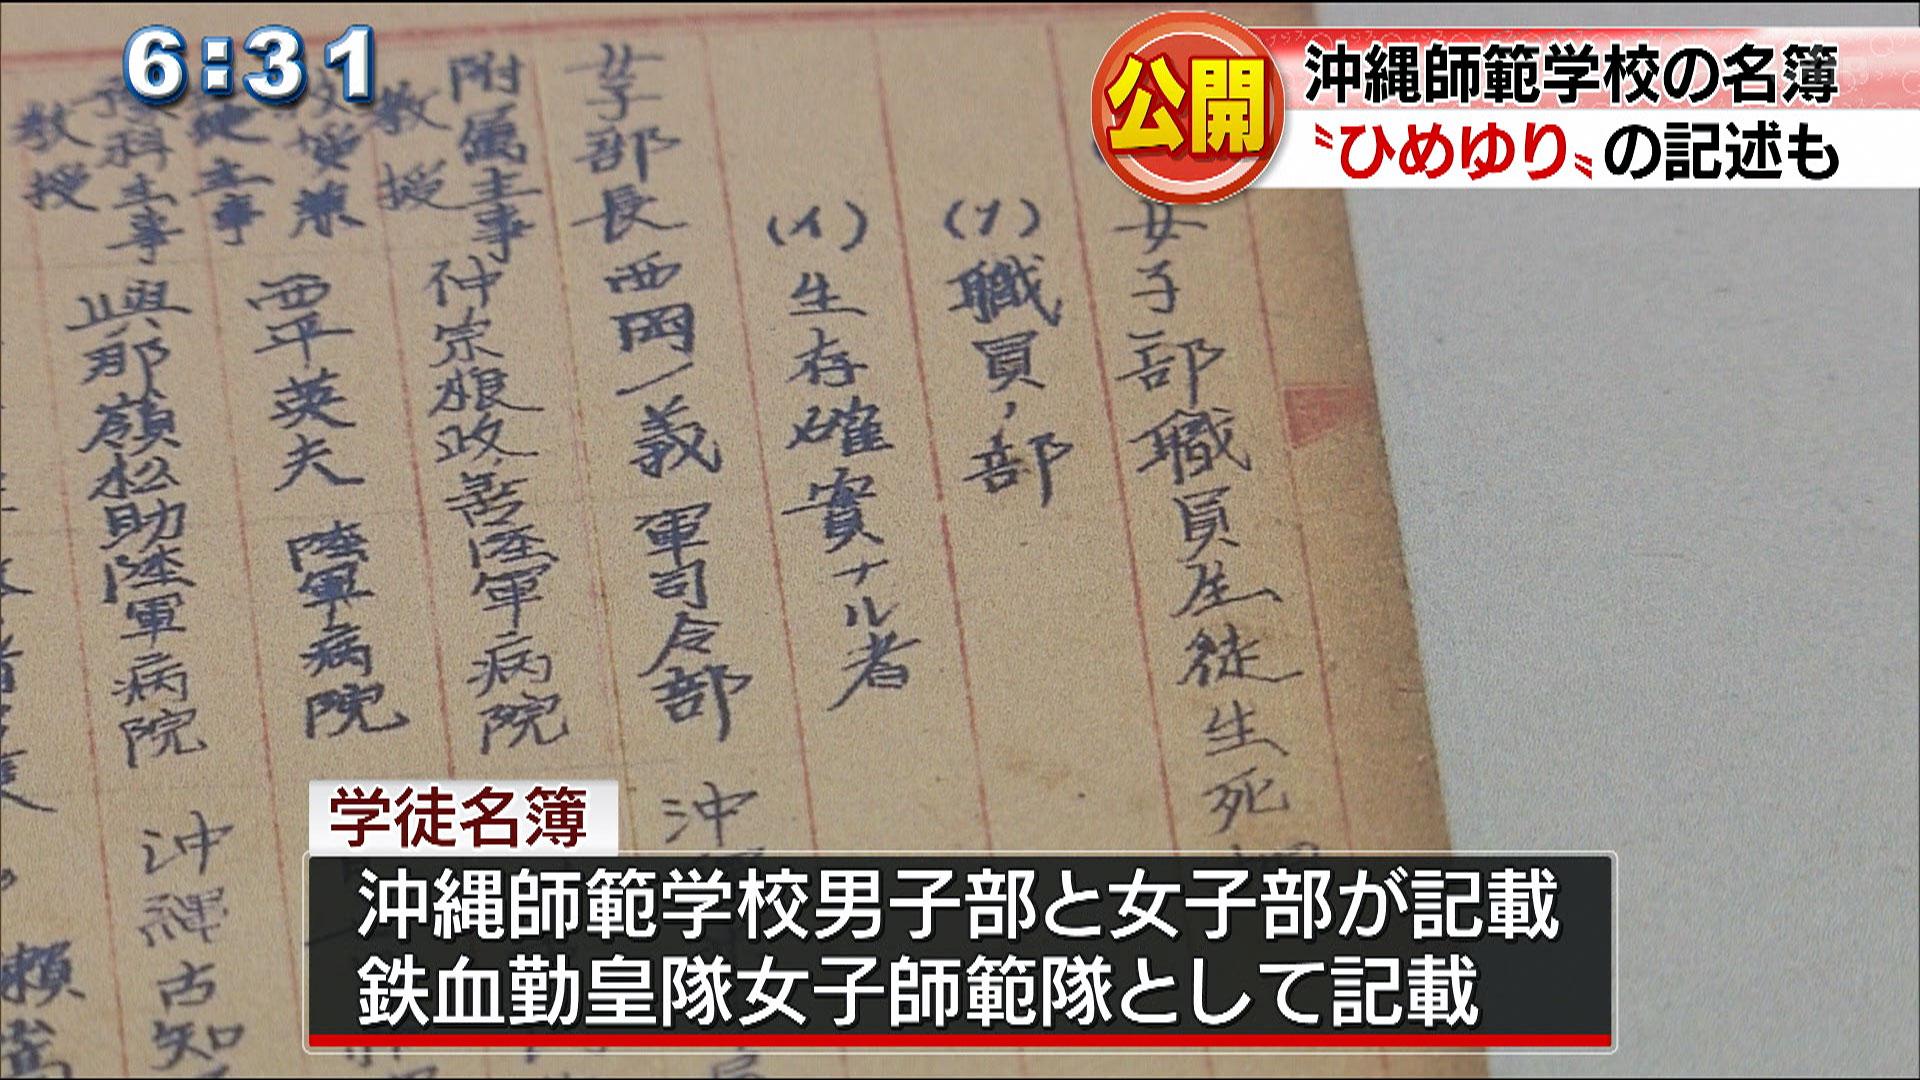 鉄血勤皇隊女子部「ひめゆり」名簿公開